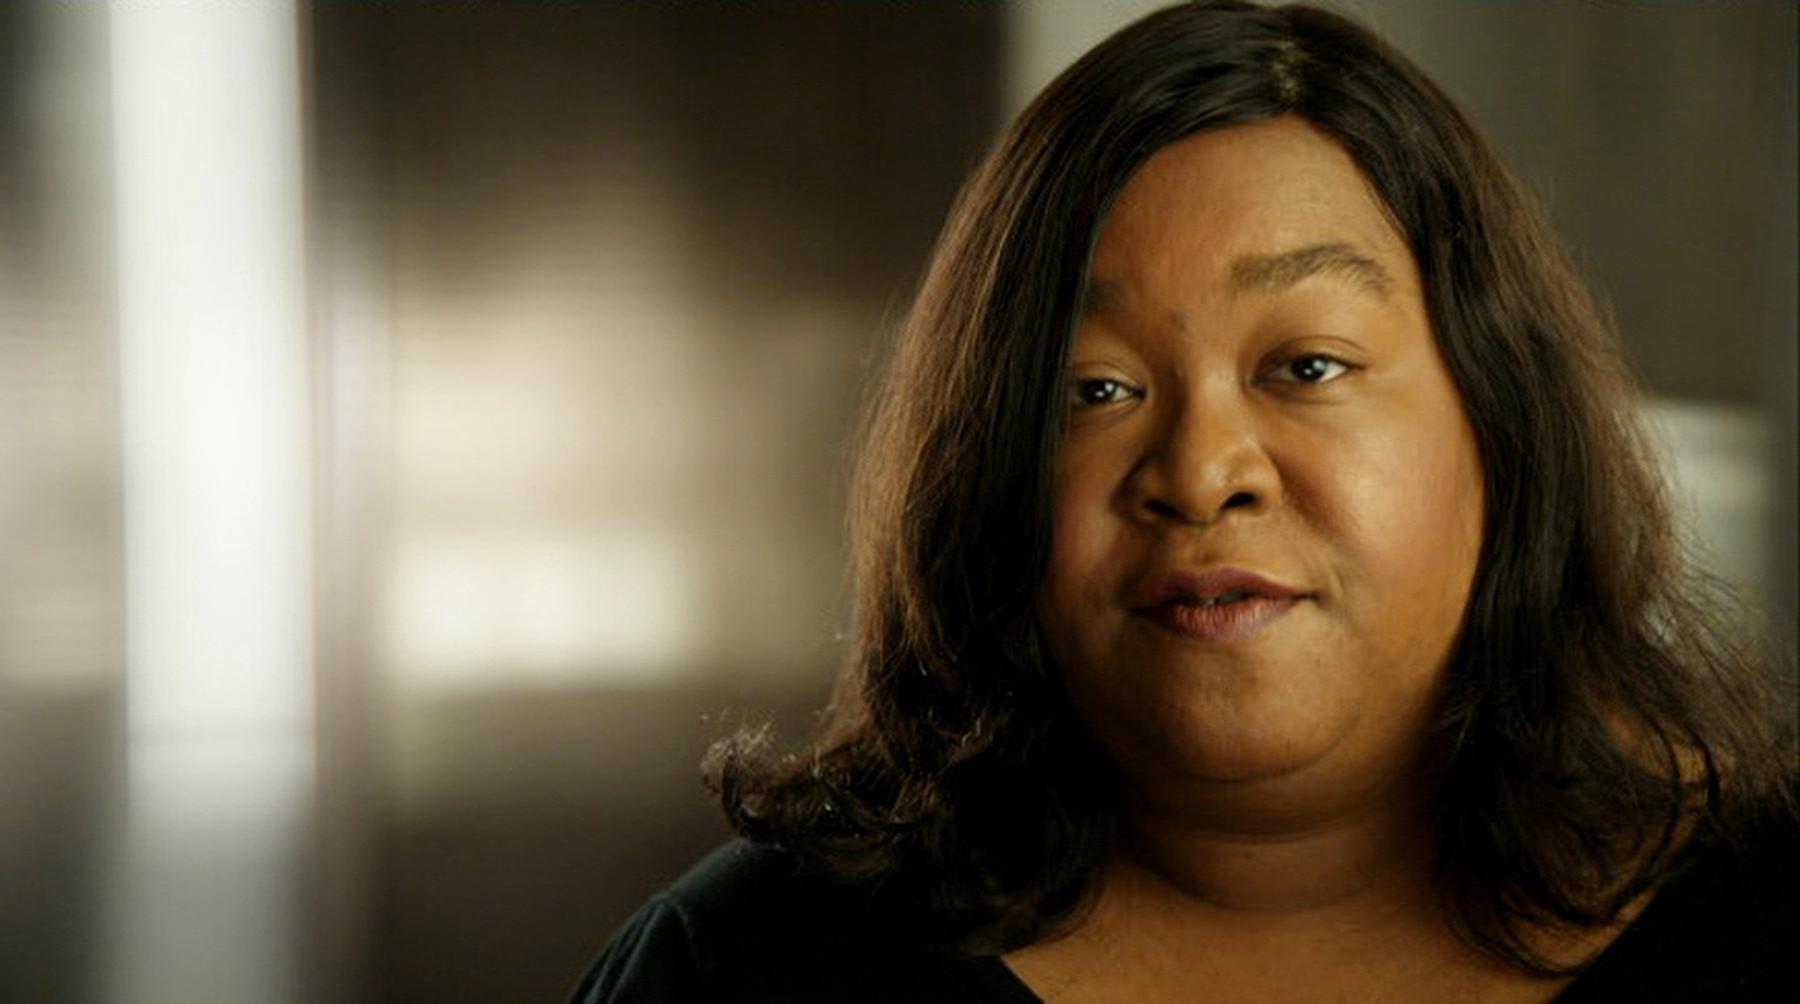 Grey's Anatomy 8, Shonda Rhimes sa come finirà la stagione, 'a prescindere dal rinnovo dei membri del cast'